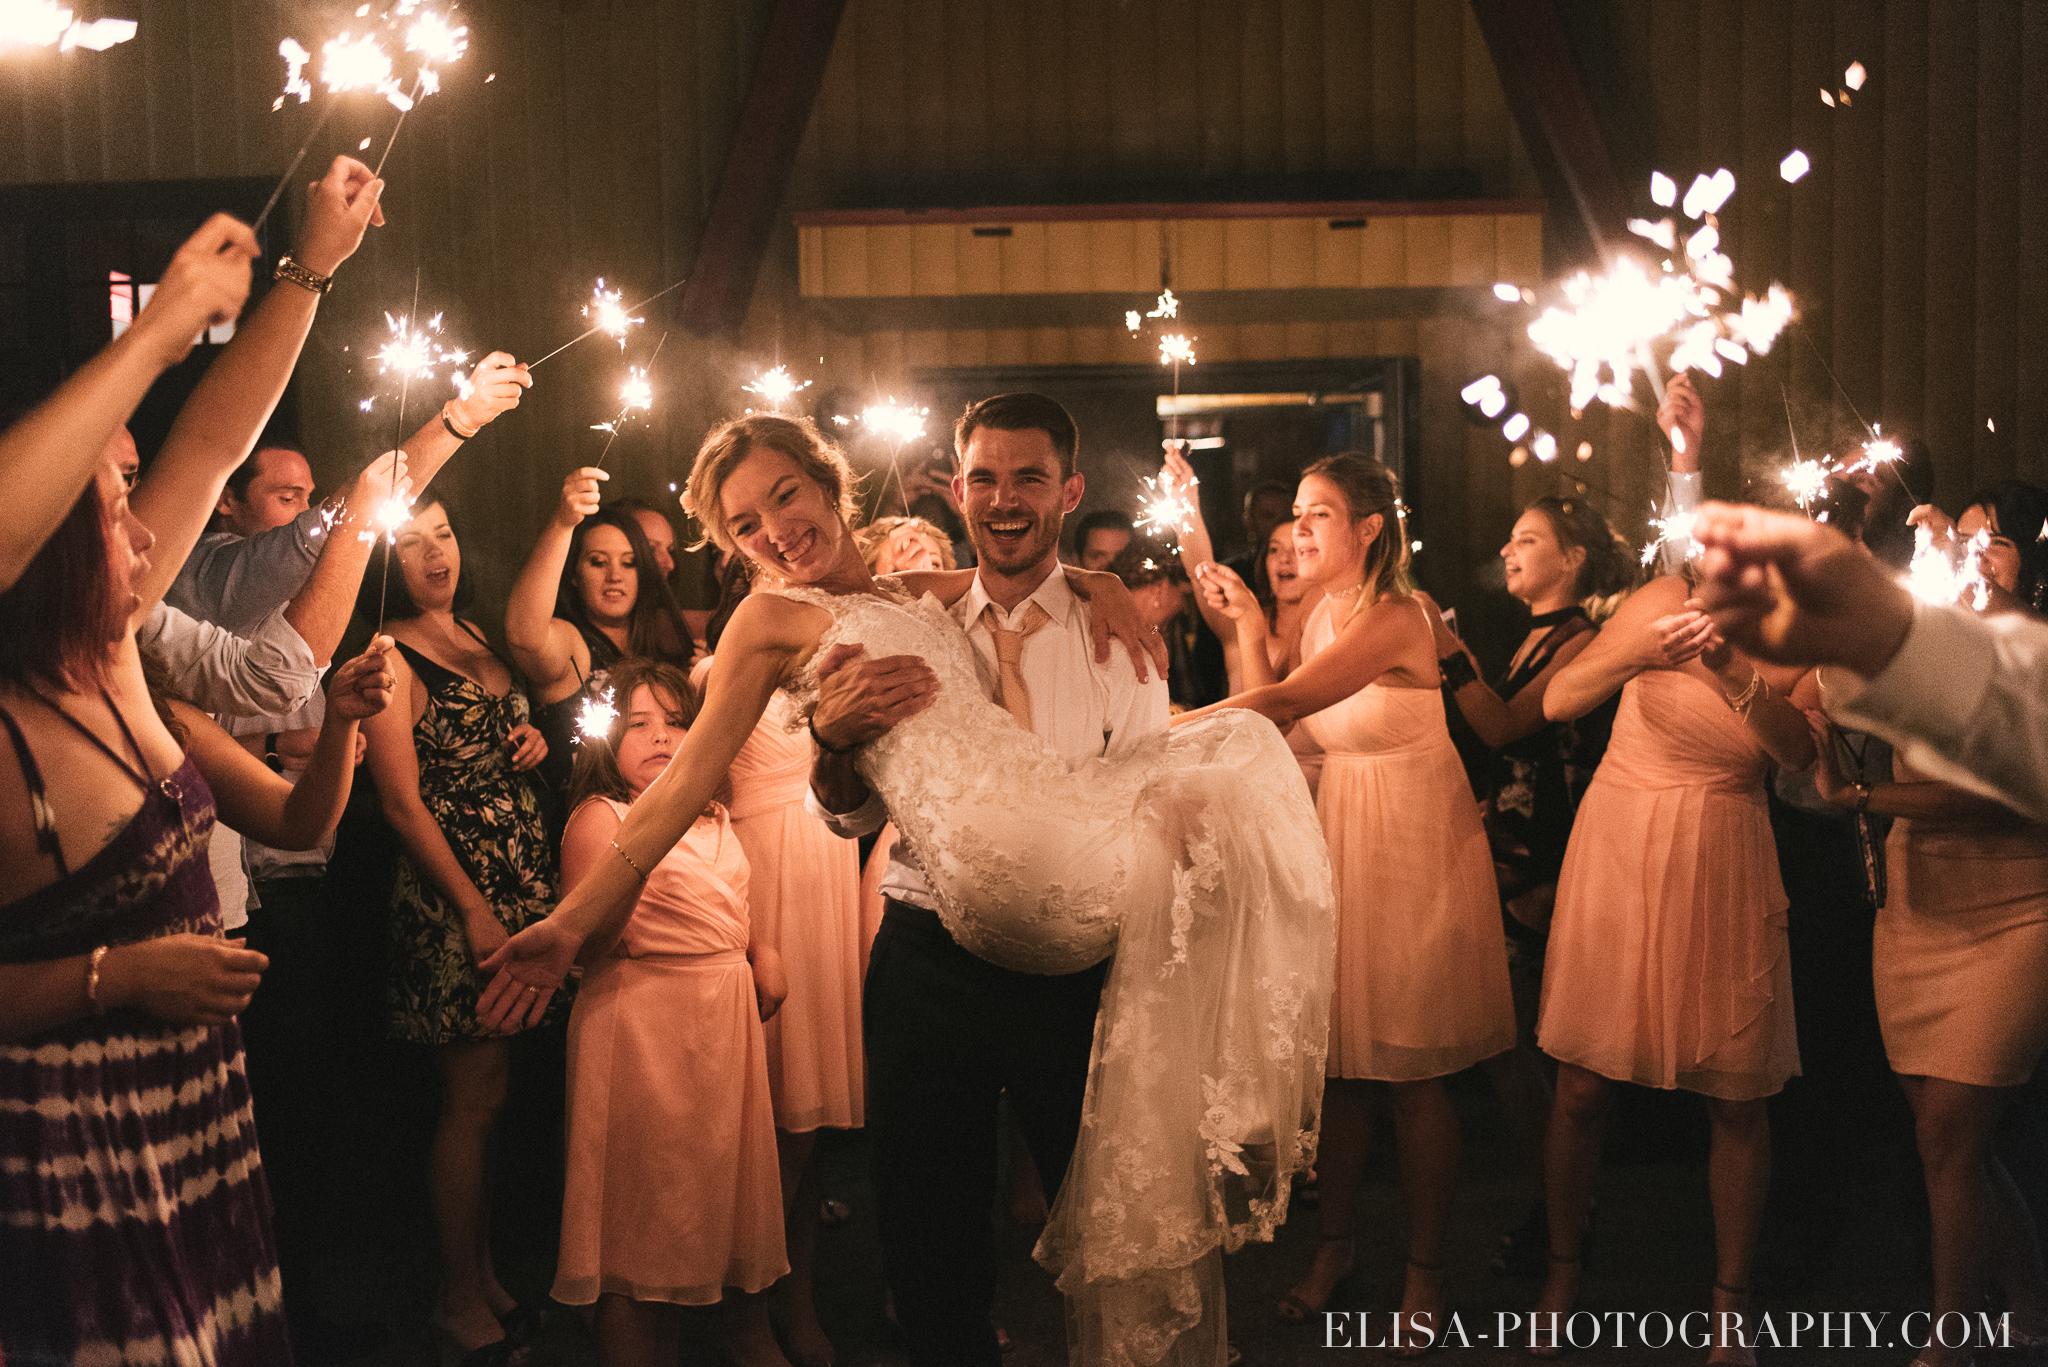 photo réception mariage feux de bengal sparklers station duchesnay ville de québec 6237 - Galerie photos de mariage